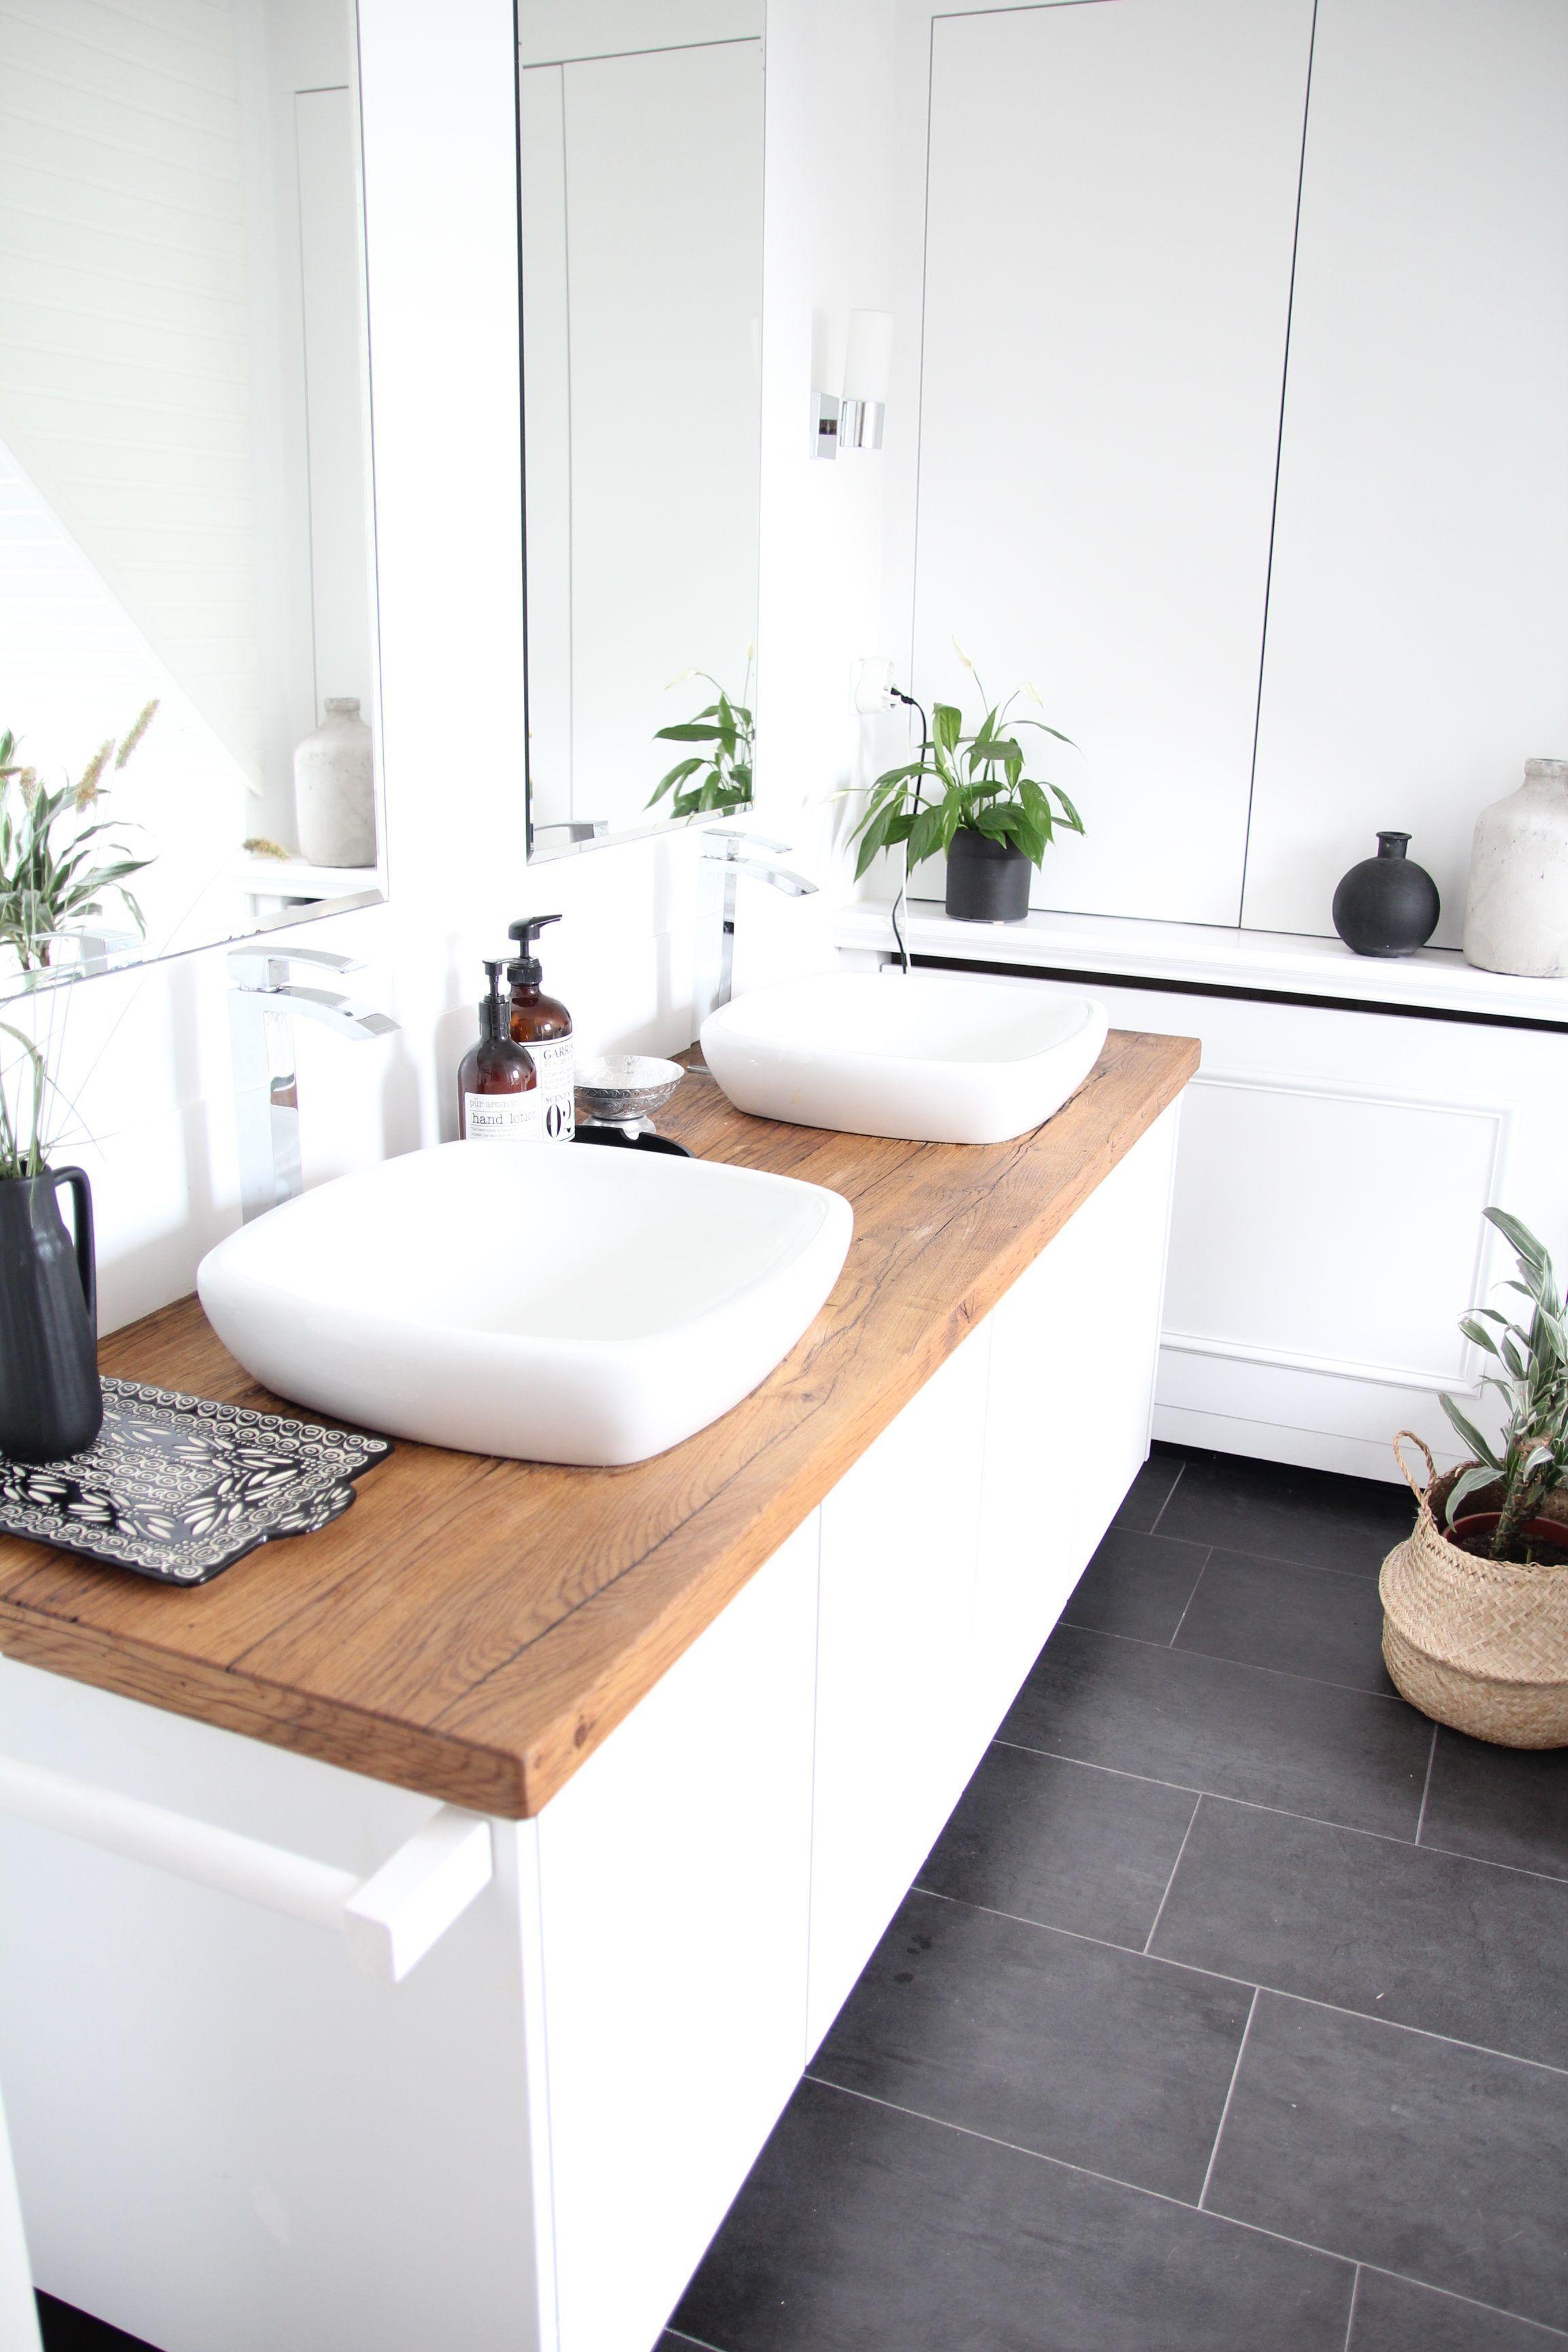 Badezimmer Selbst Renovieren Badezimmer Renovieren Selbst In 2020 Badezimmer Arbeitsplatten Badezimmer Badezimmer Diy